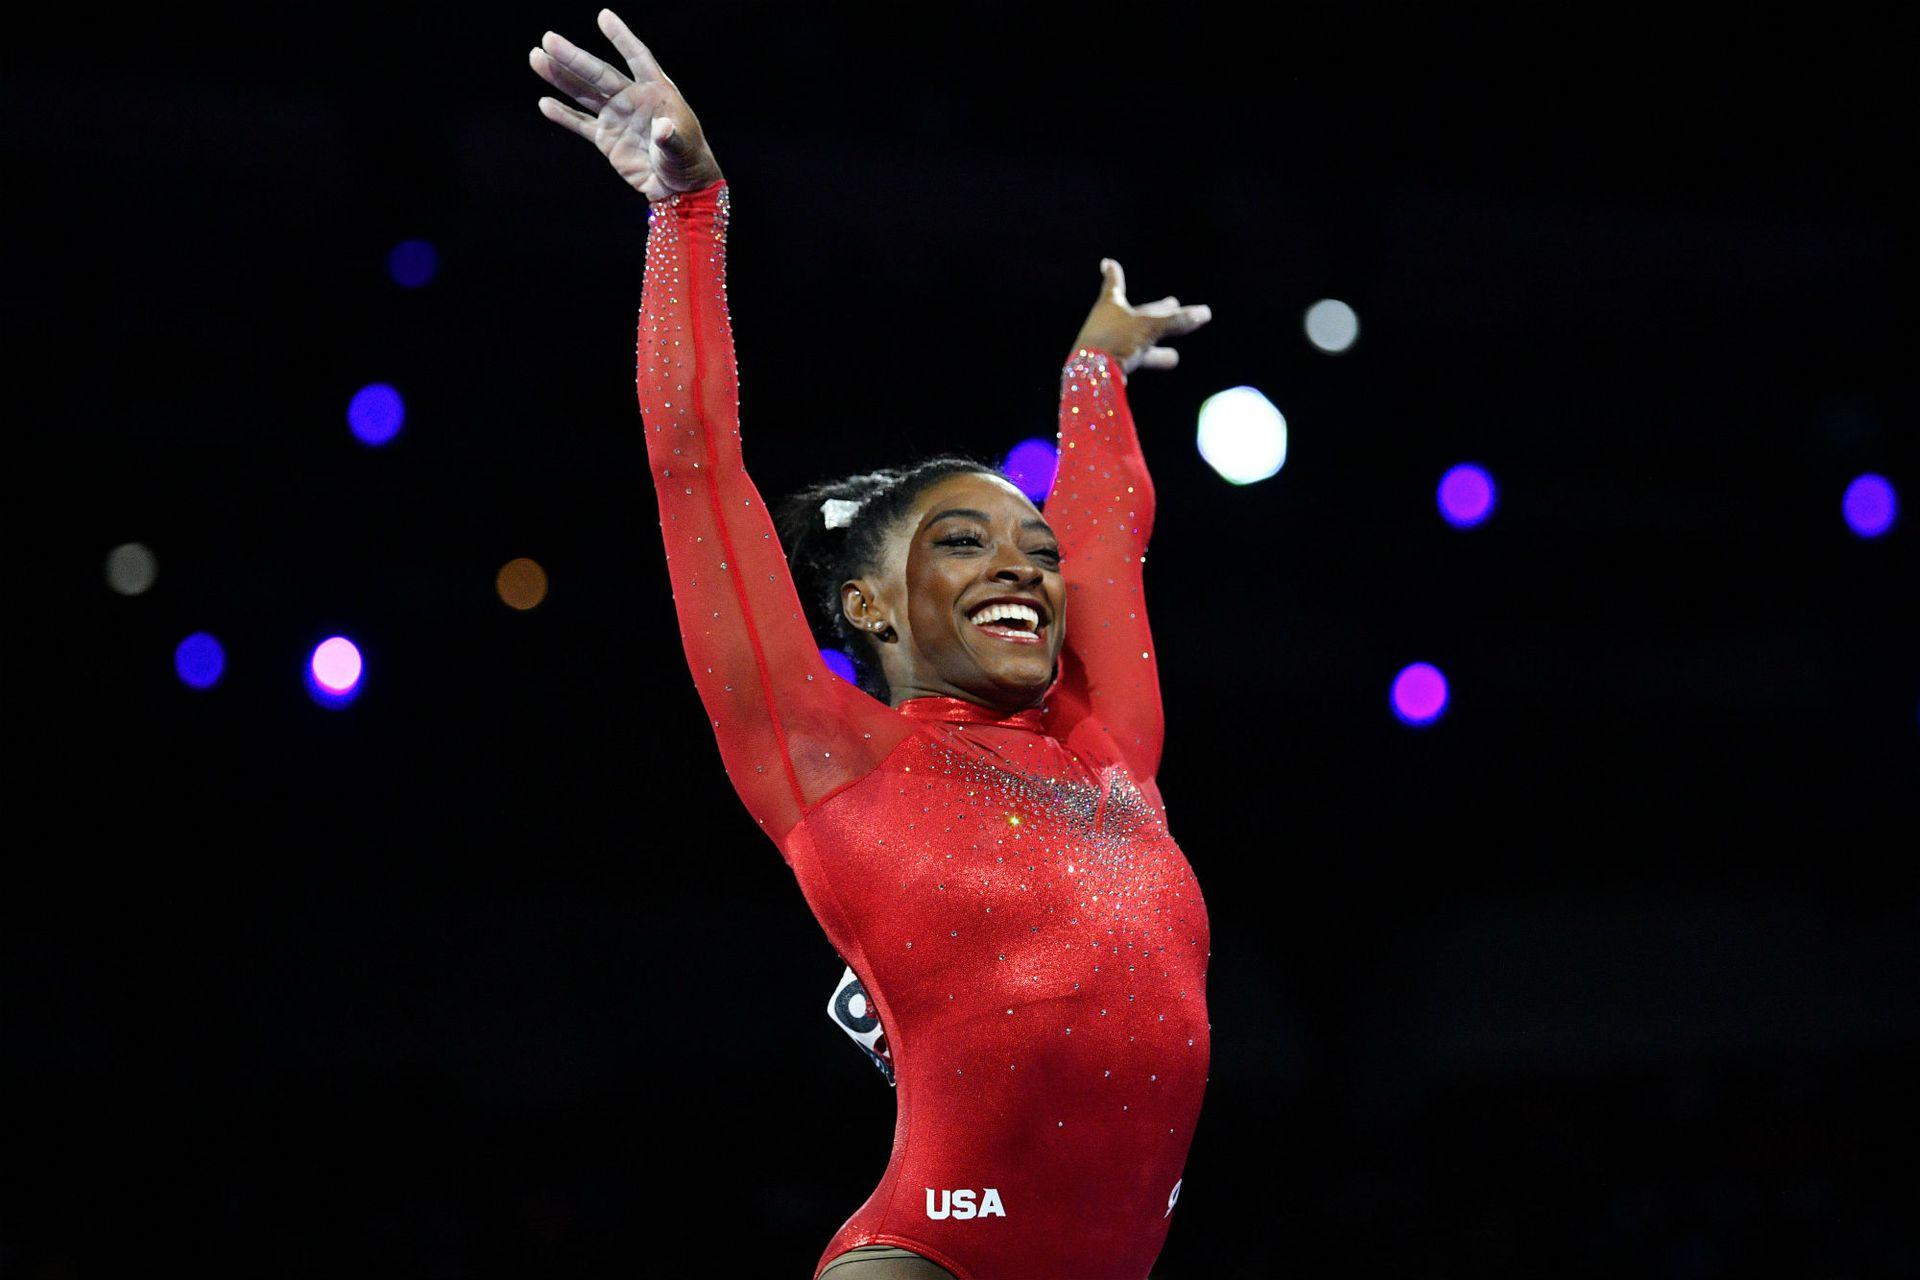 Biles ganó seis medallas de oro durante los Juegos Olímpicos de Río 2016